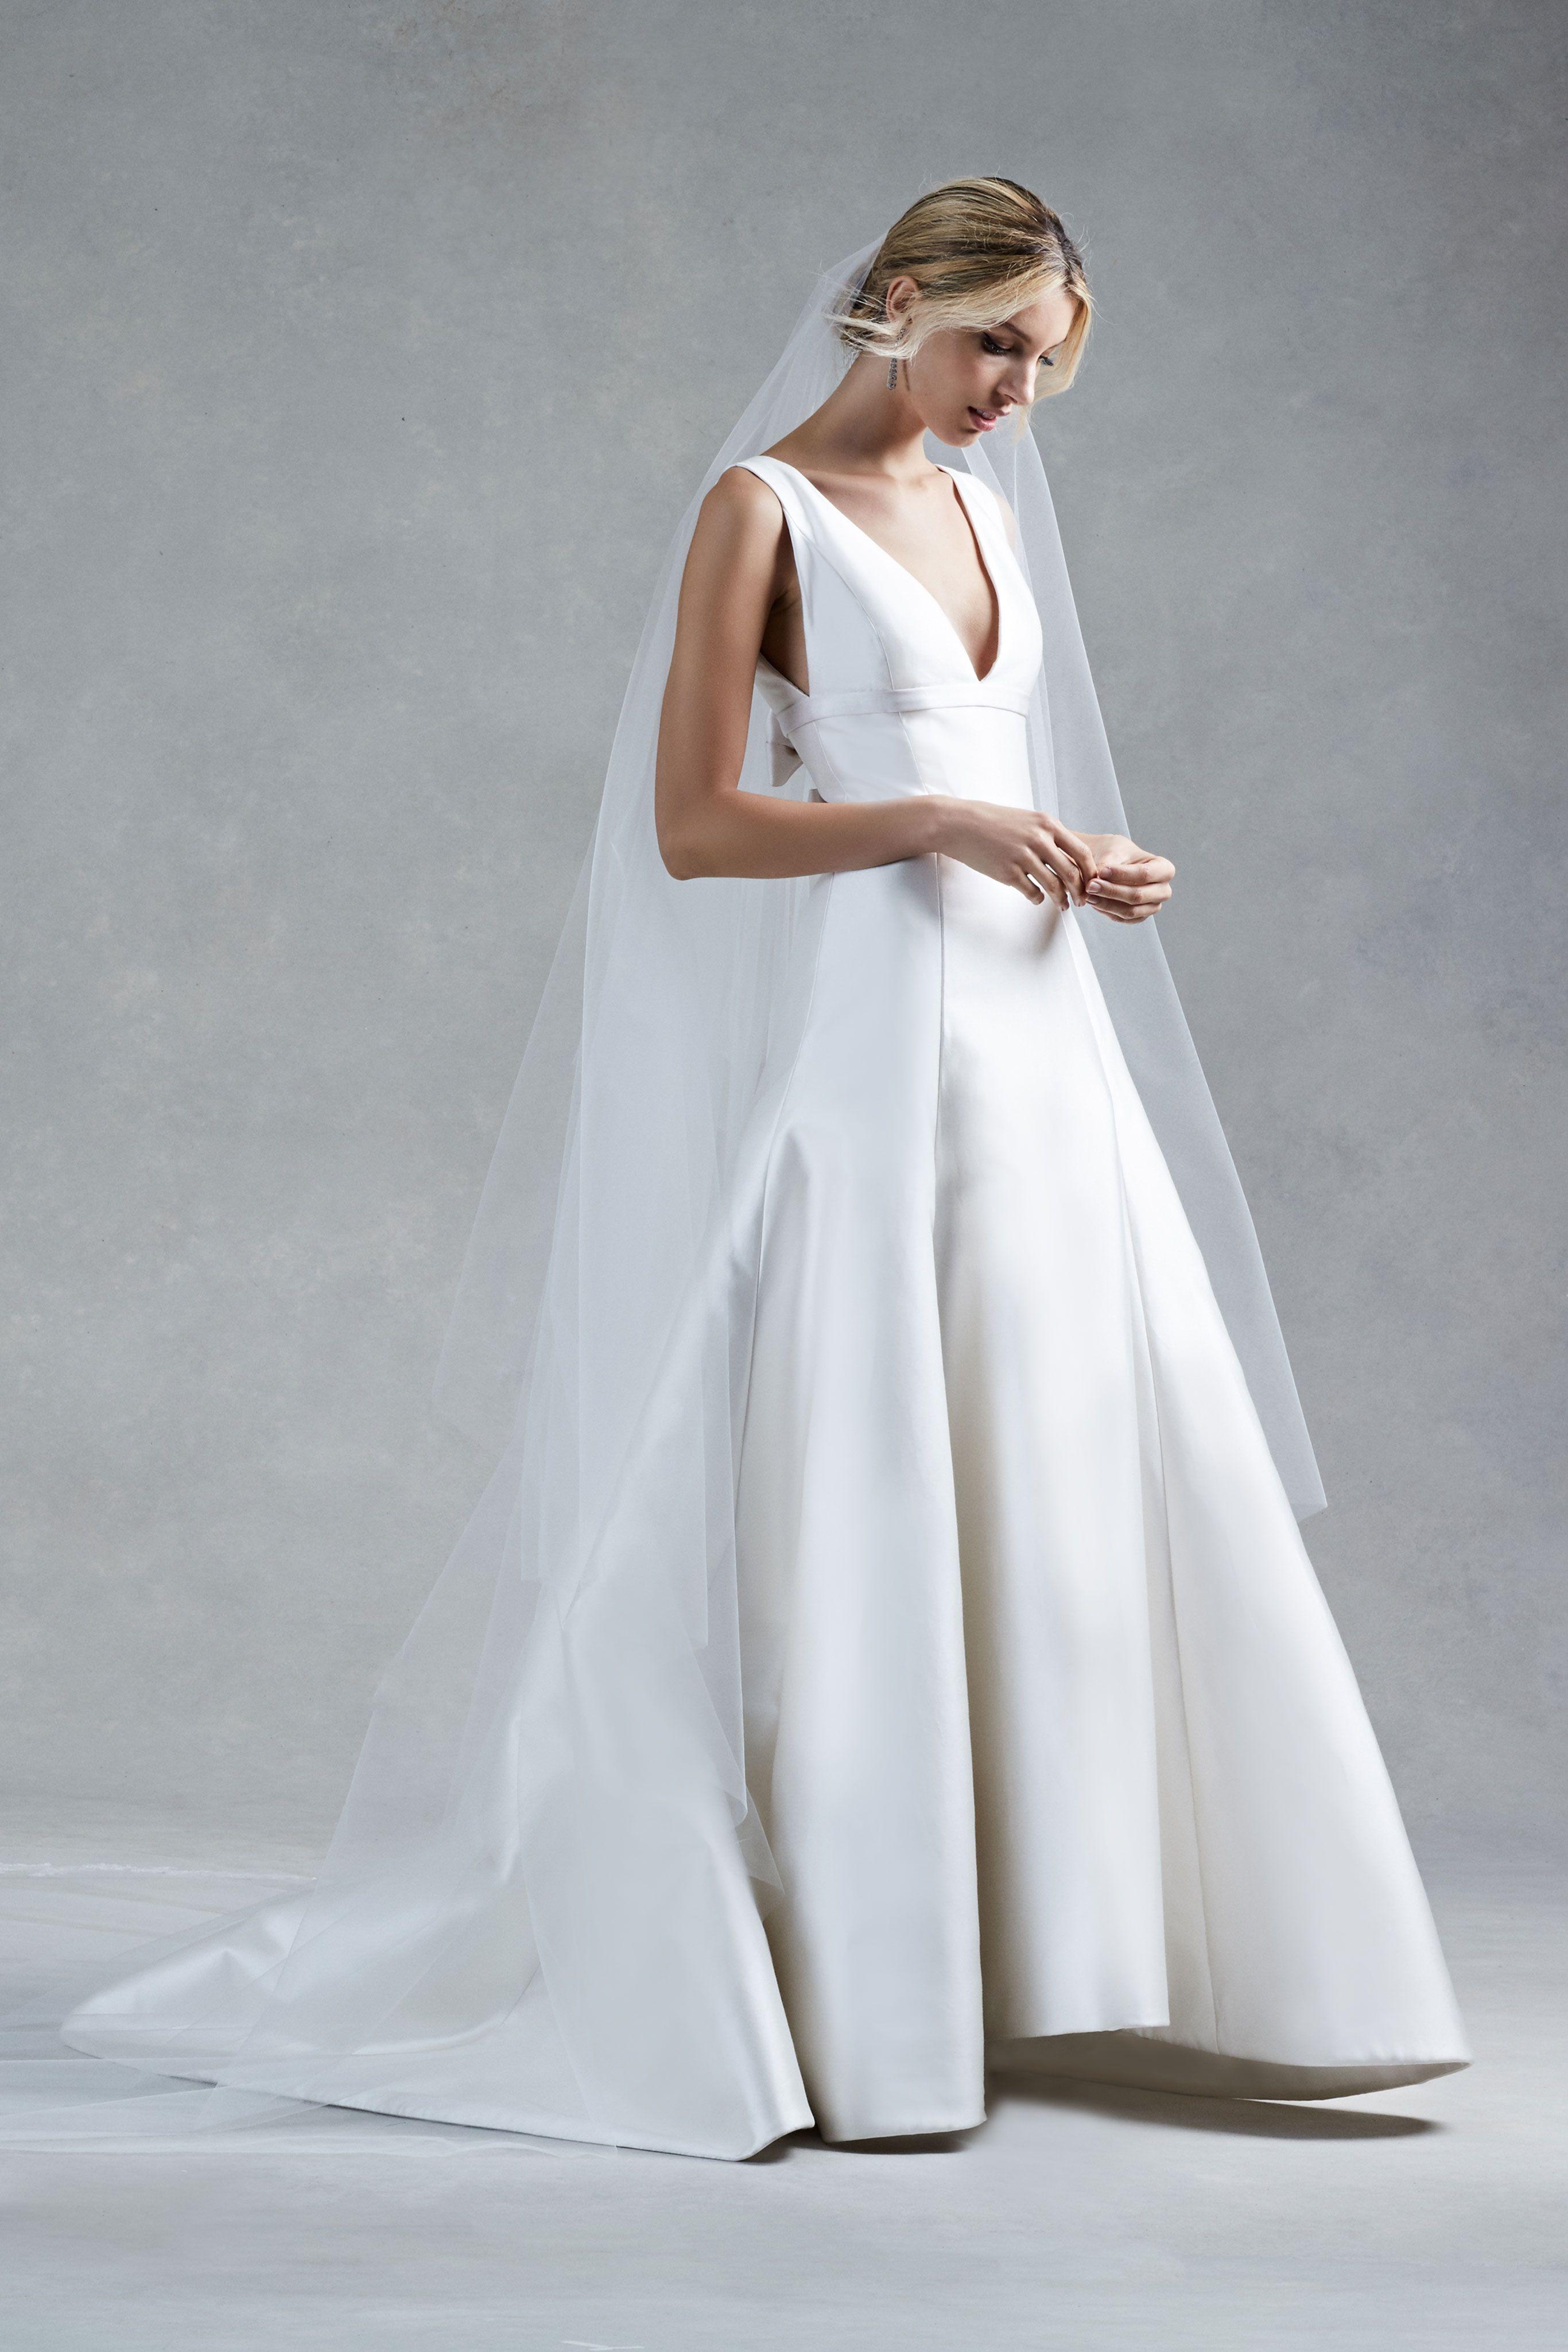 Oscar de la Renta Fall 2017 Bridal. | Brides | Pinterest | Wedding ...